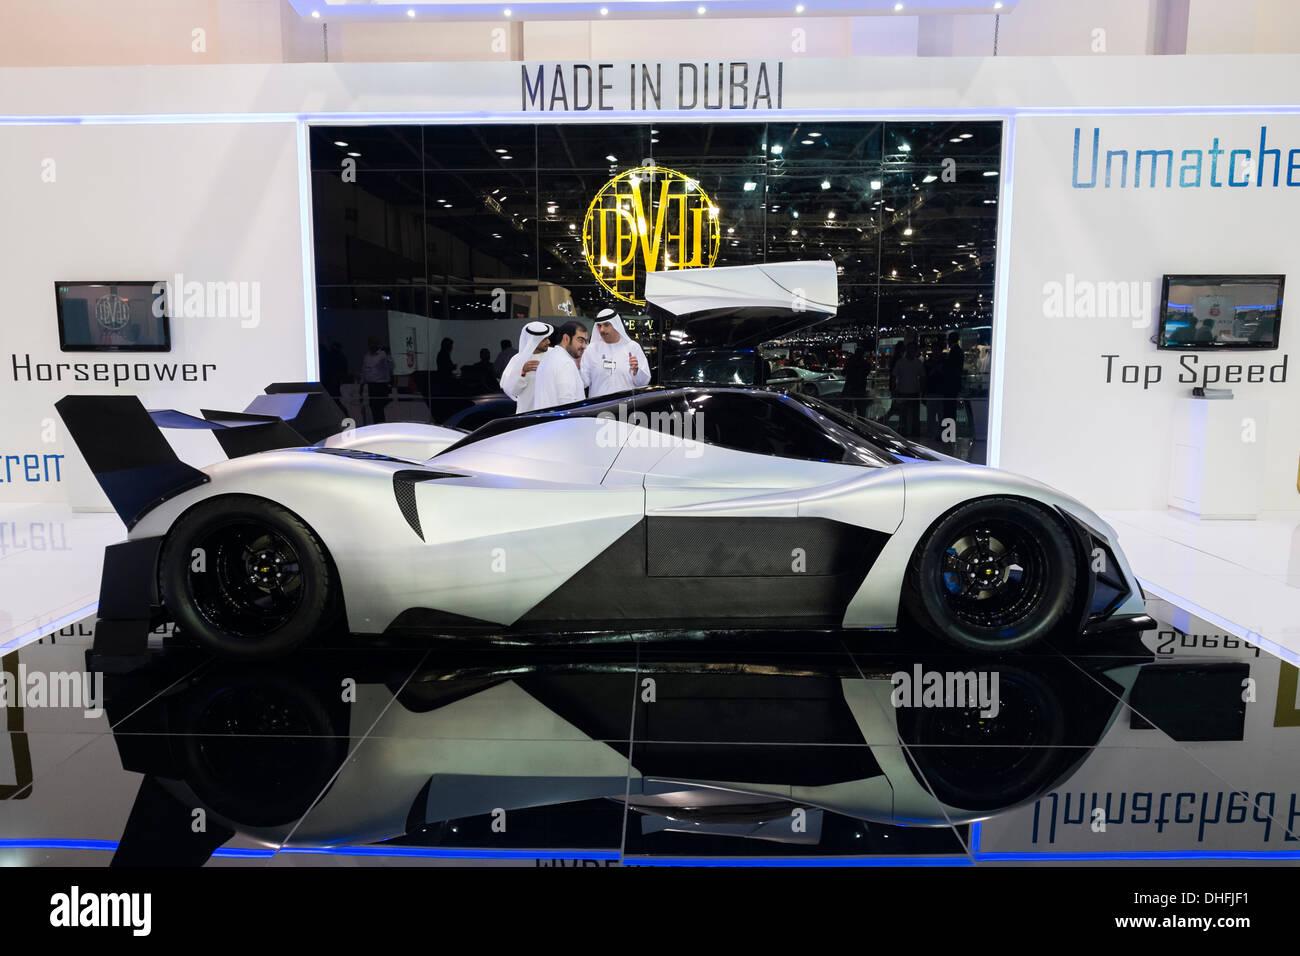 Dubai Motor Show Auto Car Uae Cars Stock Photos Dubai Motor - Car show dubai